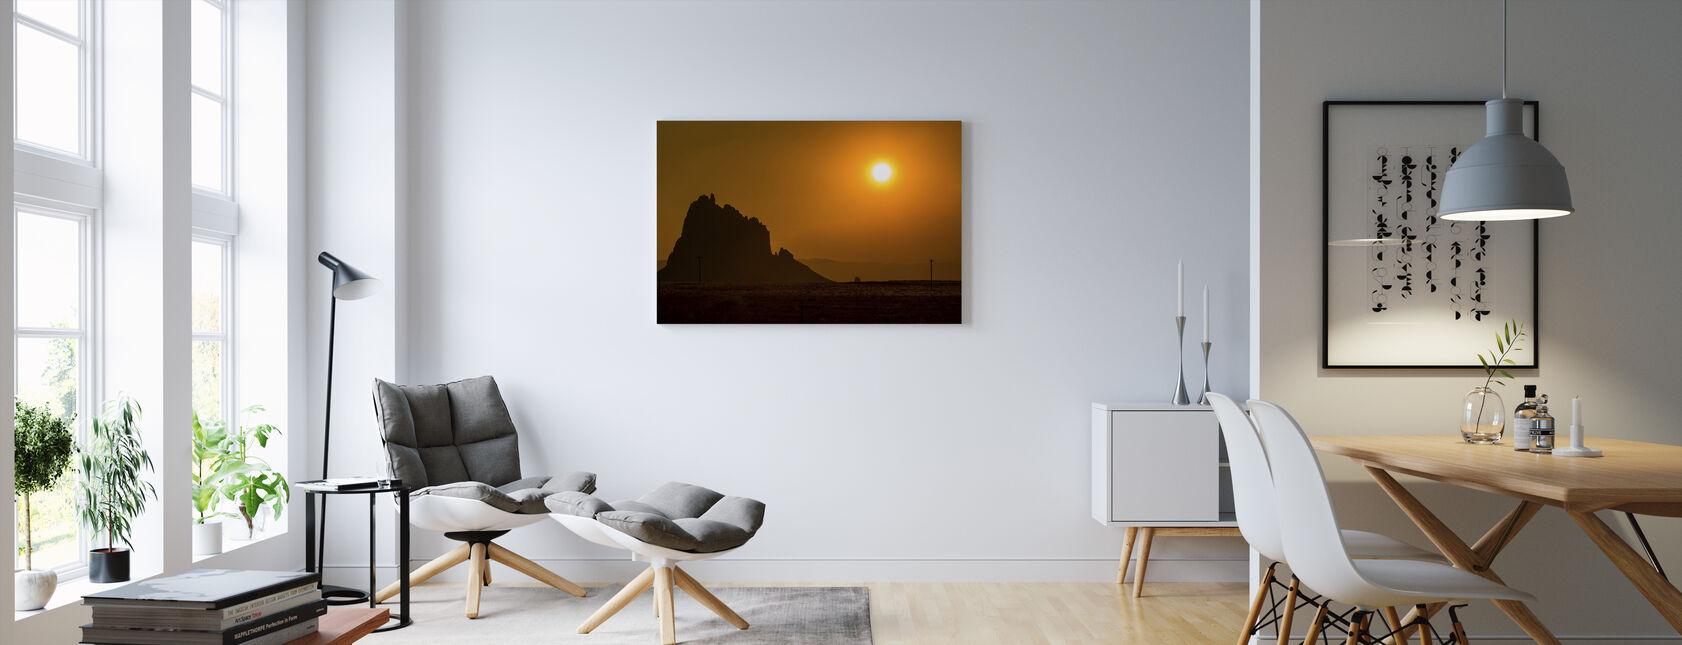 Skibsskib ved solnedgang - Billede på lærred - Stue